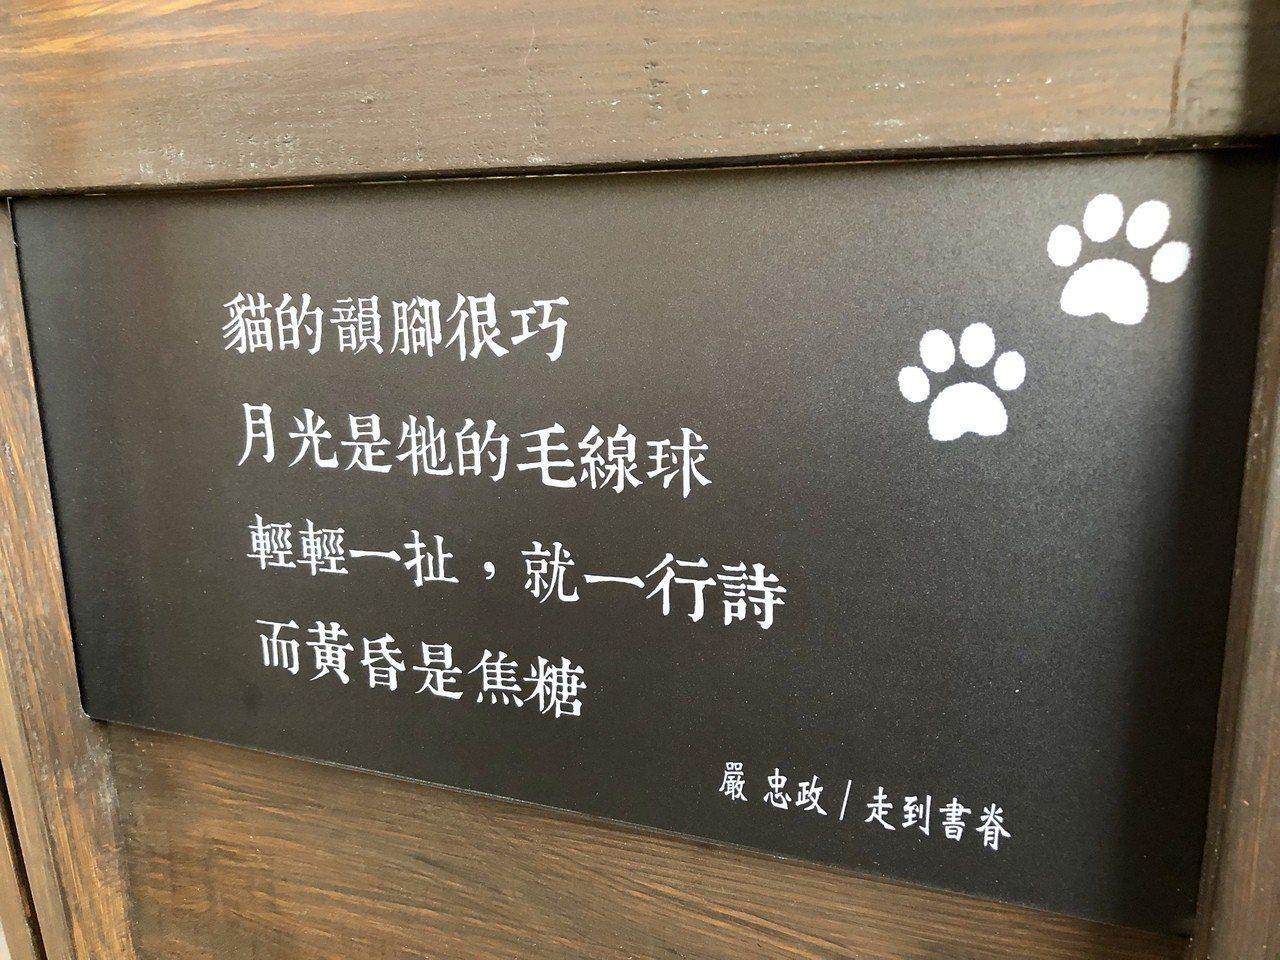 因為附近經常有野貓出現,將貓融入設計主軸,呼應園區既有空間記憶,也讓美好閱讀關係...